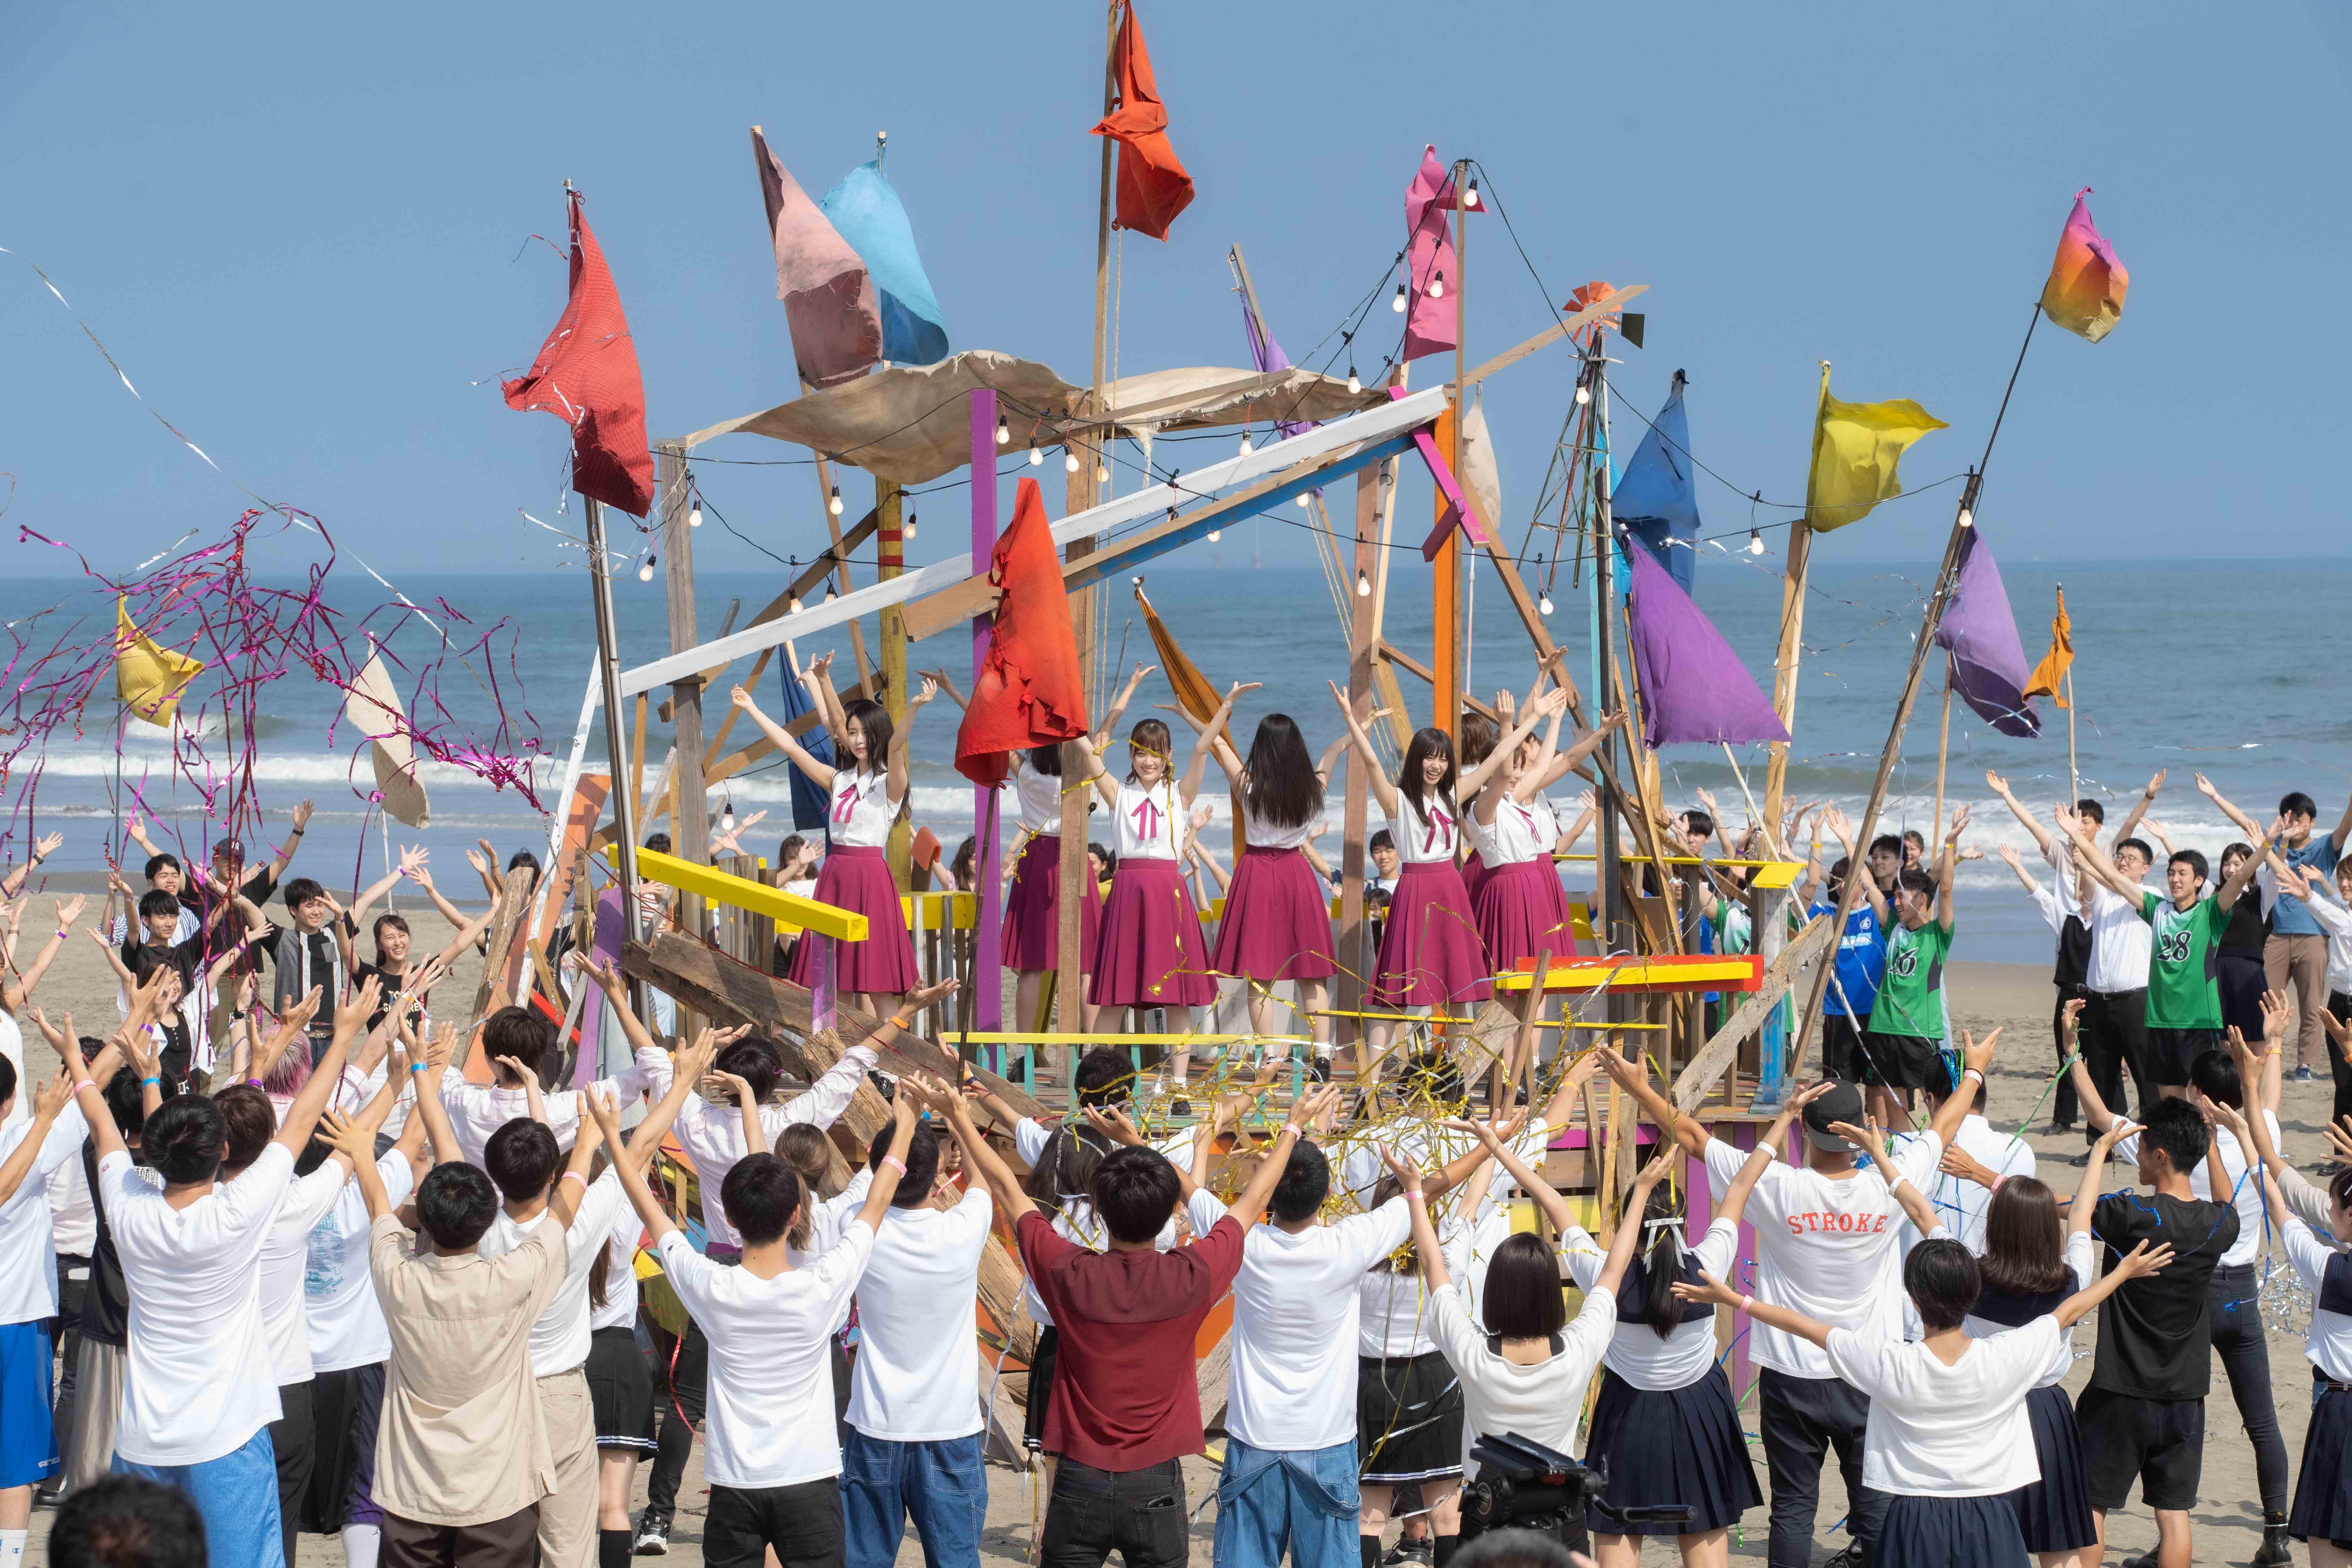 乃木坂46と全国から集まった学生たち約300人が 「ファンタ」TVCMソング「Sing Out!」を大合唱!スペシャルムービー